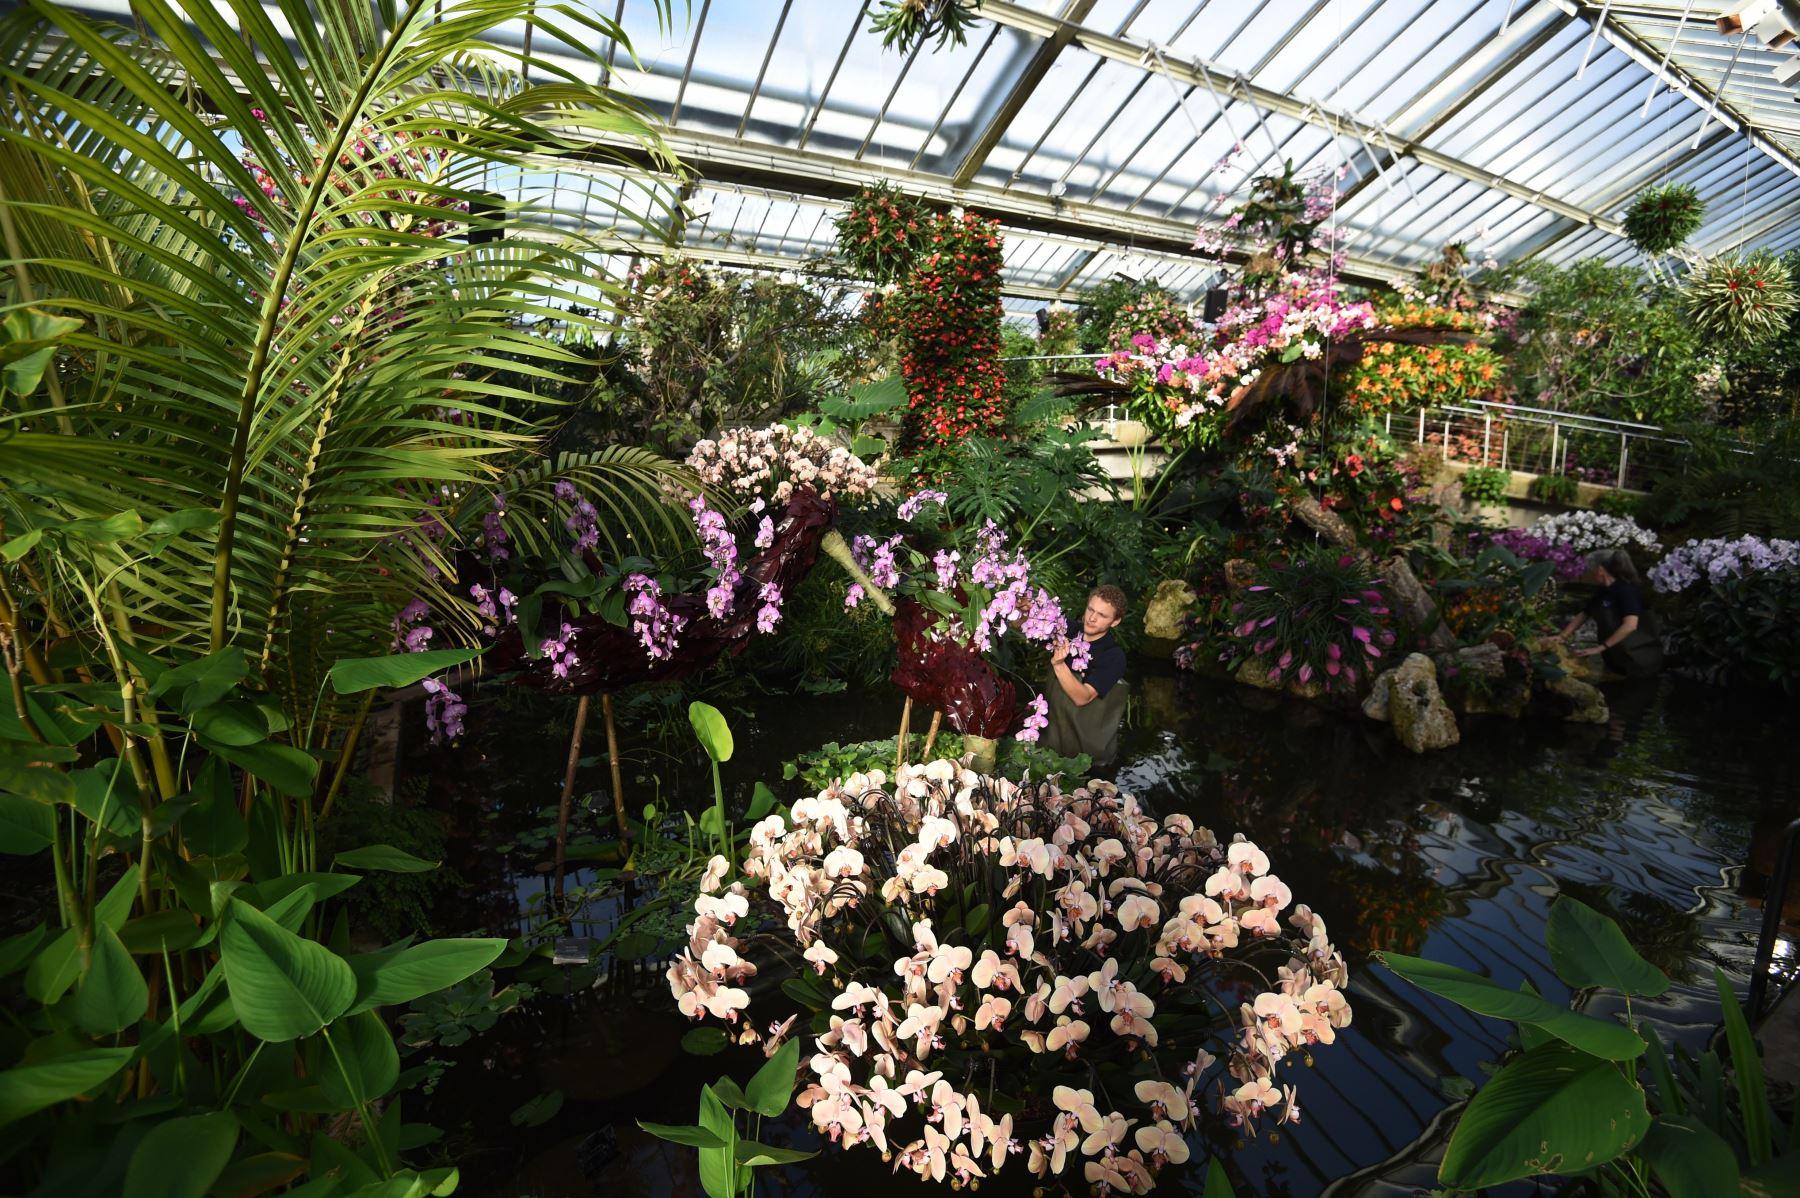 """Una encargada se ocupa de los preparativos finales para el """"Festival de la Orquídea: Celebrando el color de Colombia"""" en el Real Jardín Botánico de Kew, al oeste de Londres (Reino Unido) Foto: EFE"""